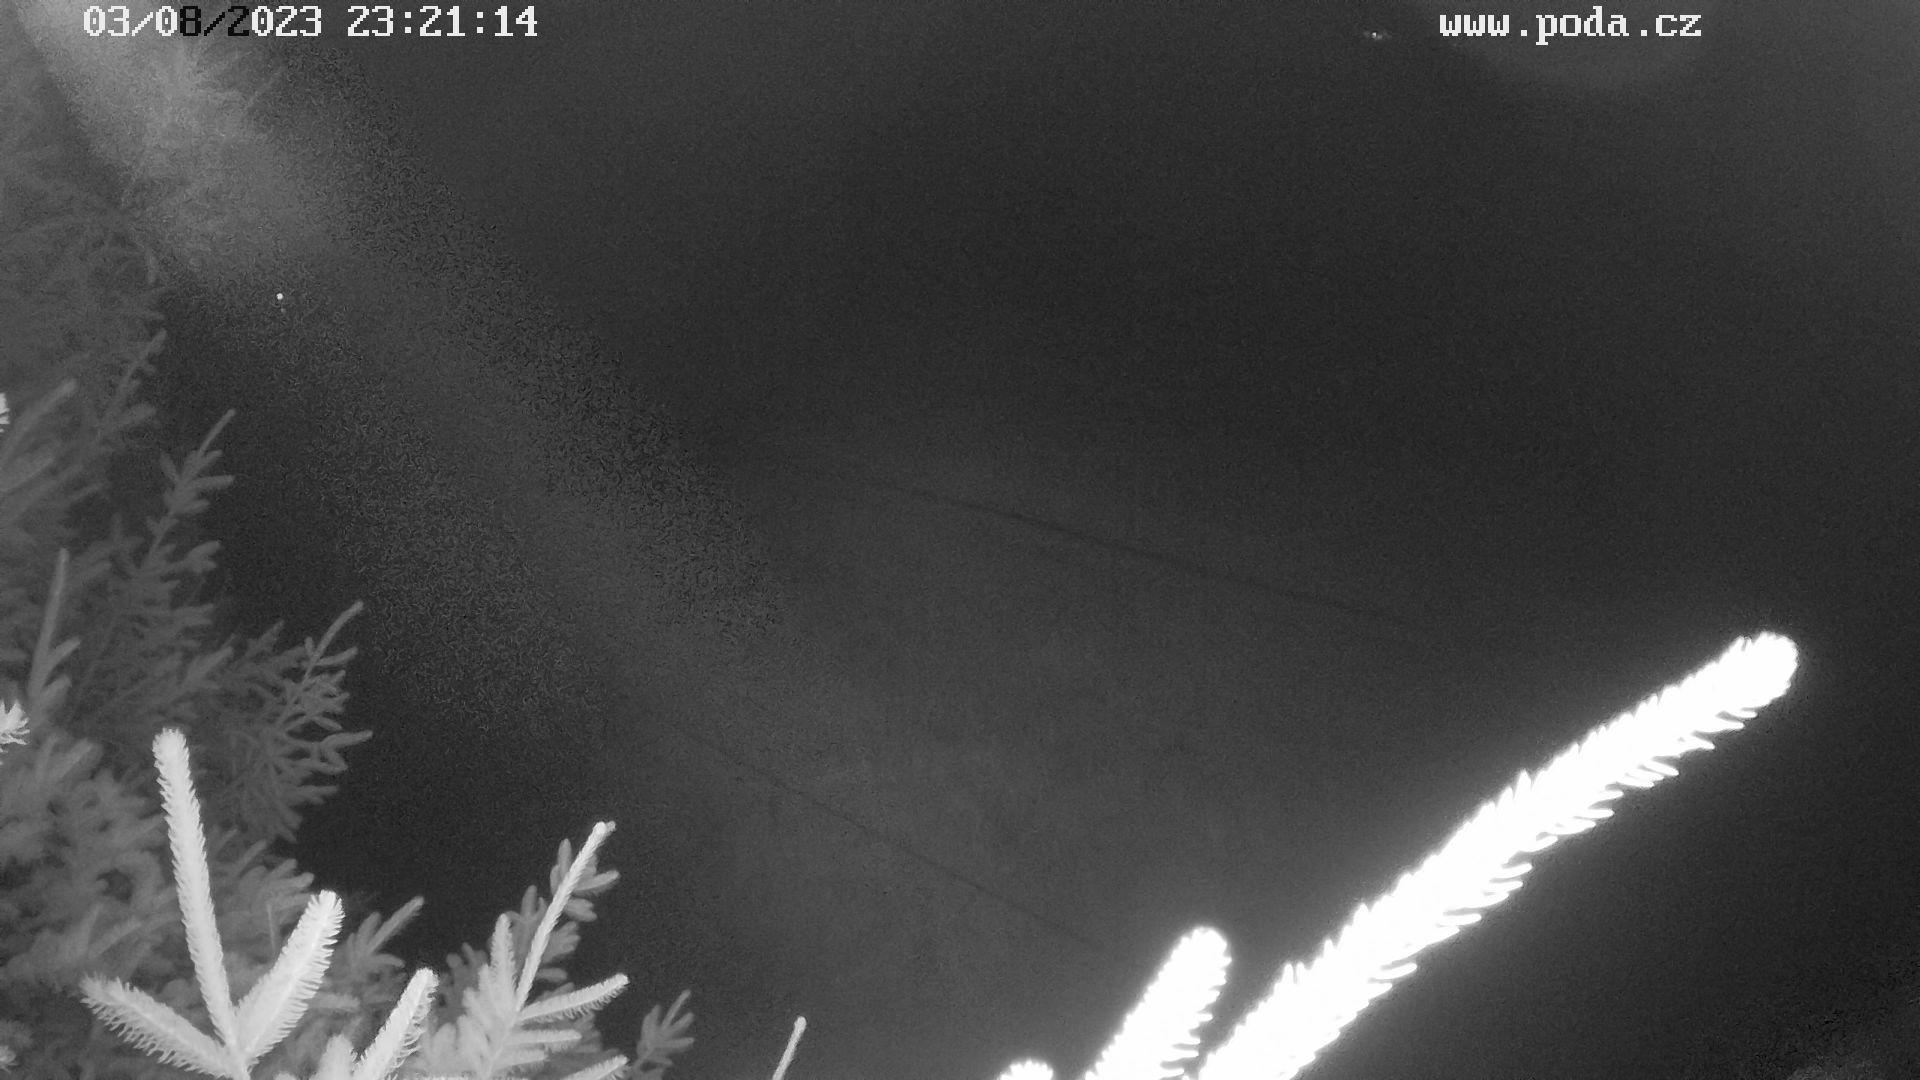 Webcam Hluboká u Trhové Kamenice